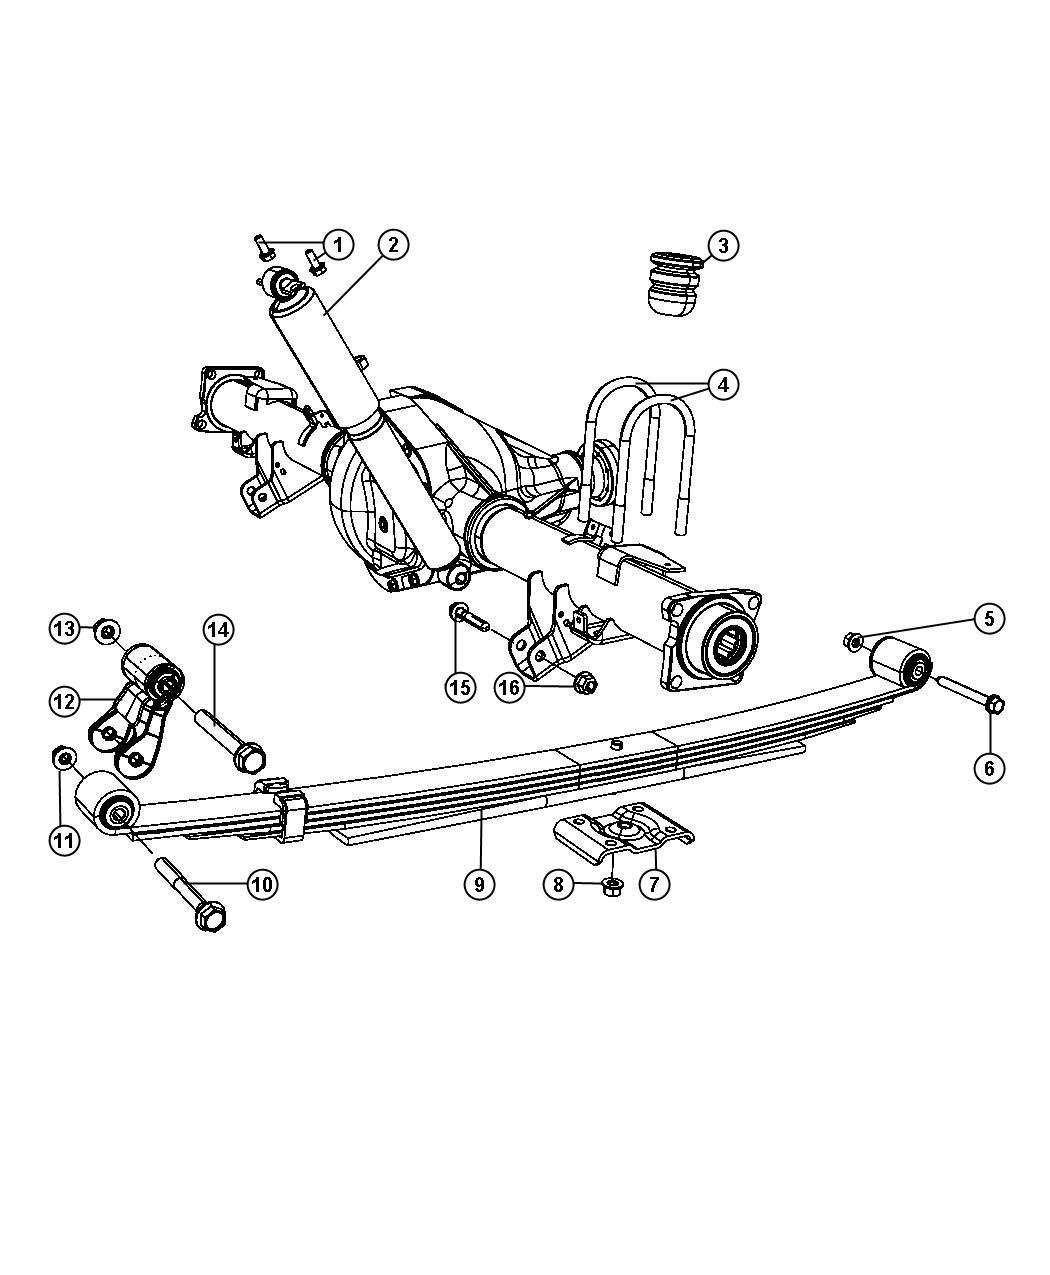 Dodge Dakota Screw Hex Flange Head M14x2x110 Lower